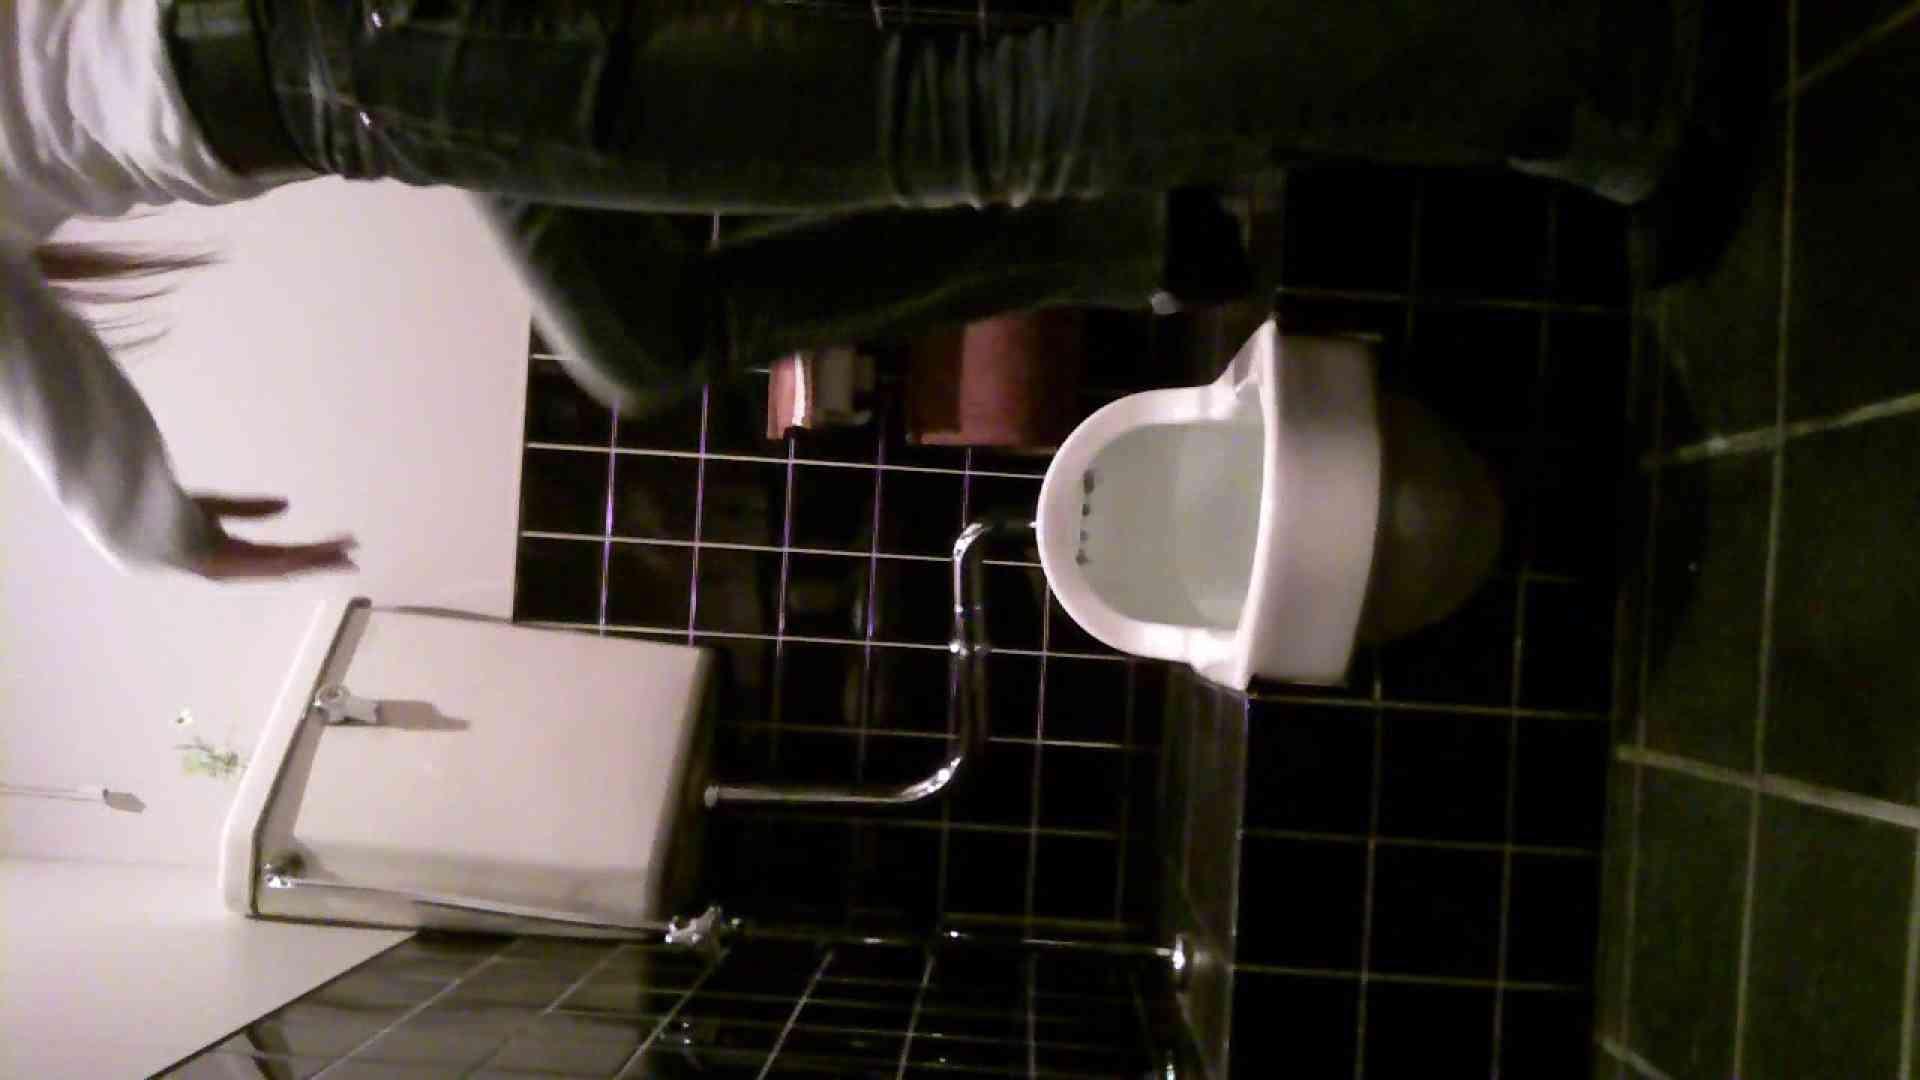 美女の集まる飲み屋洗面所 vol.01 エロティックなOL アダルト動画キャプチャ 74画像 38